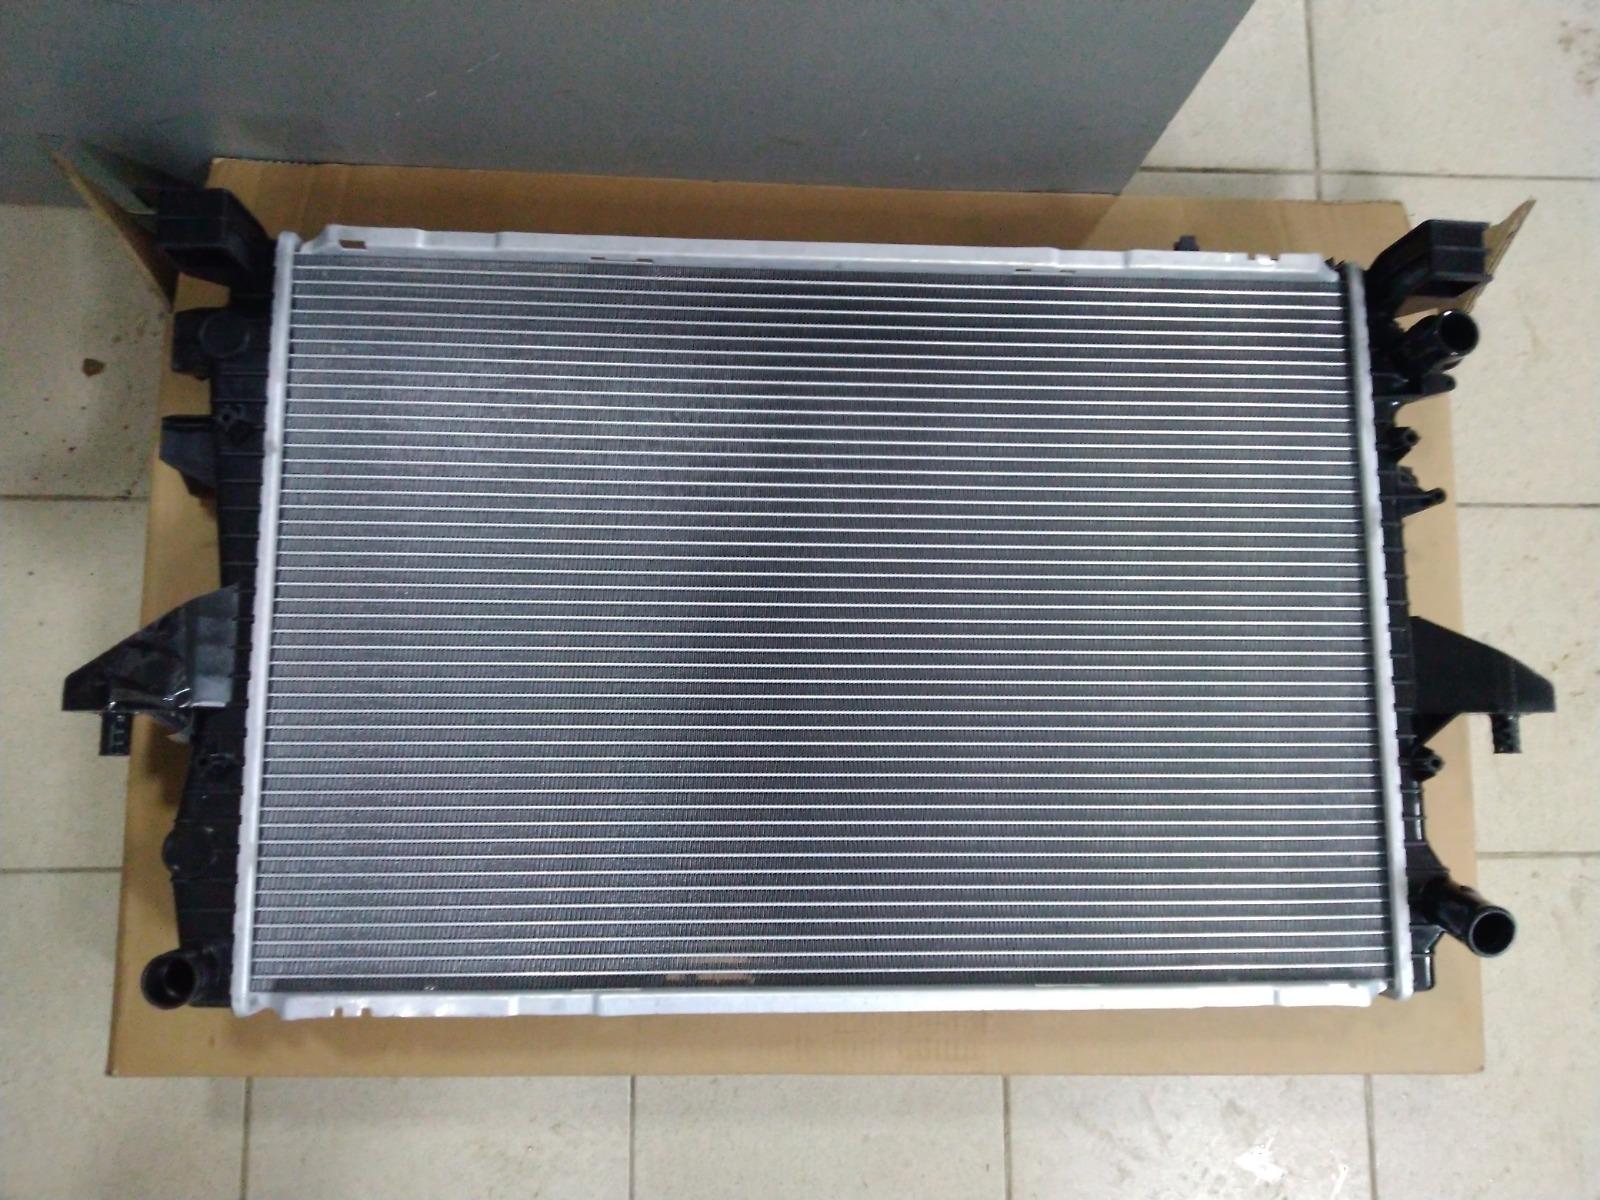 Радиатор охлаждения двигателя фольксваген транспортер купить ролики для конвейера в москве